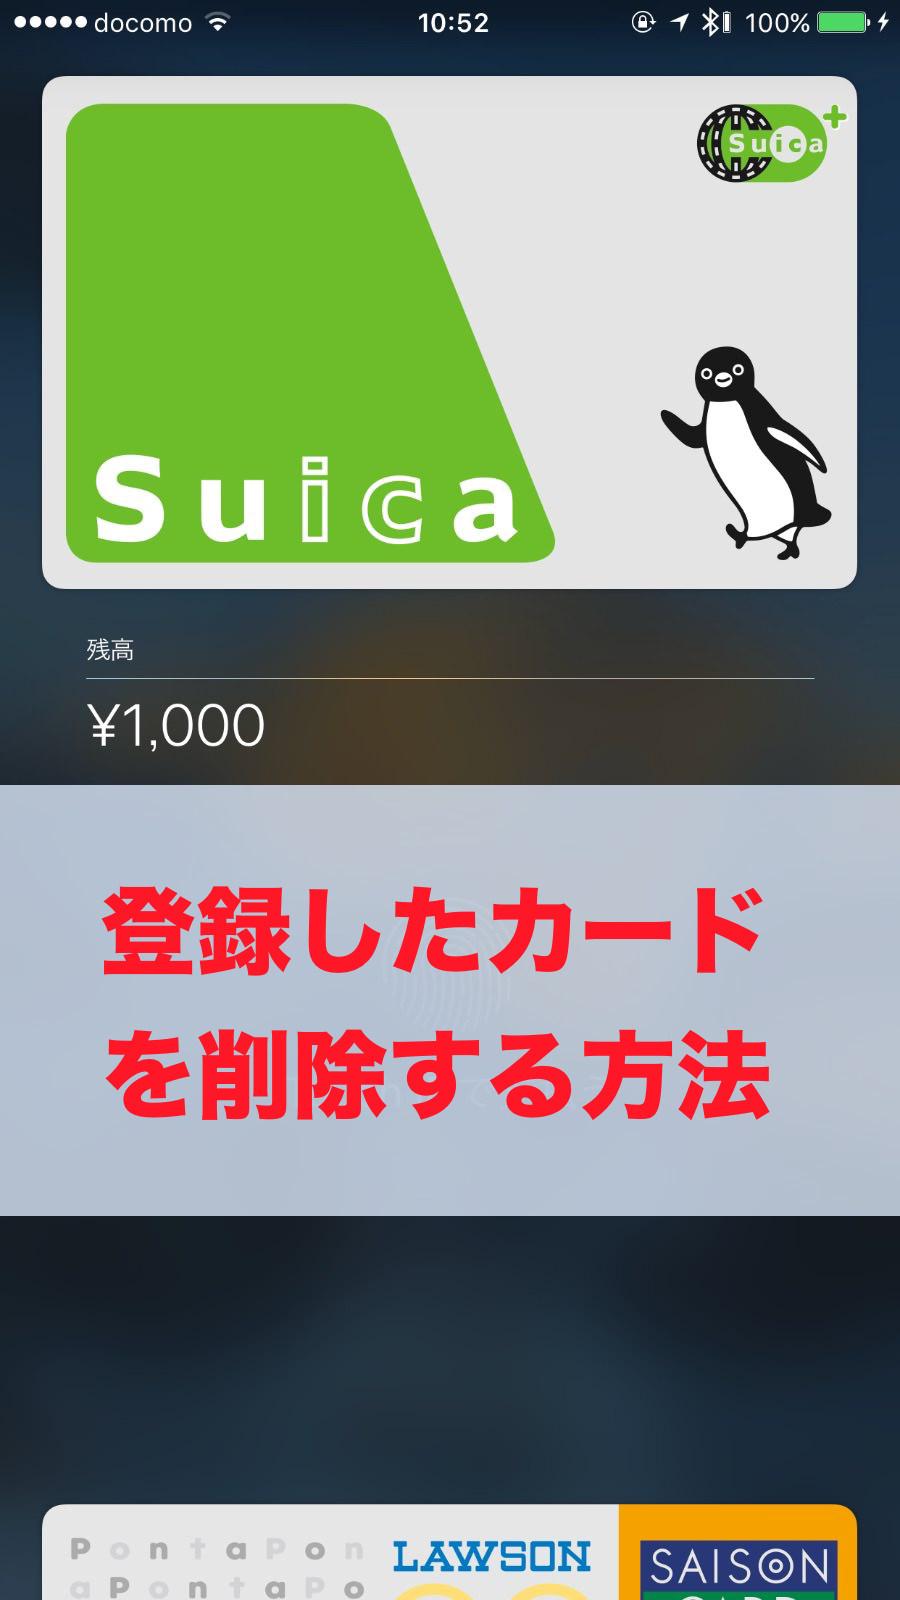 【Apple Pay】登録したSuicaやクレジットカードの情報を削除する方法